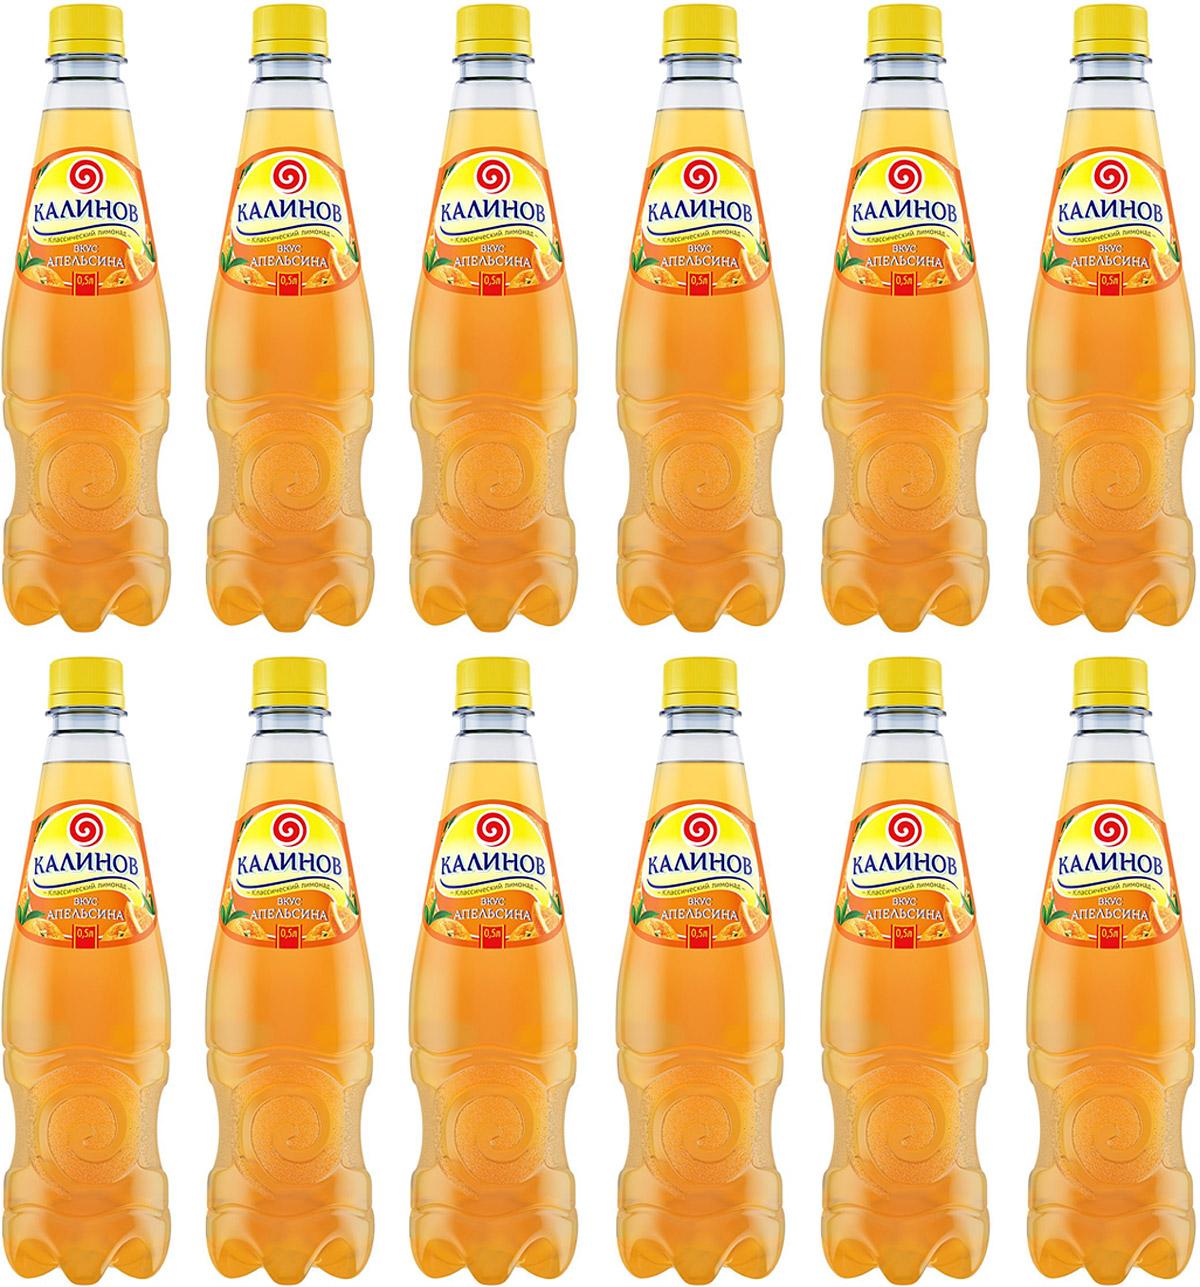 Калинов Лимонад Апельсин, 12 штук по 0,5 л